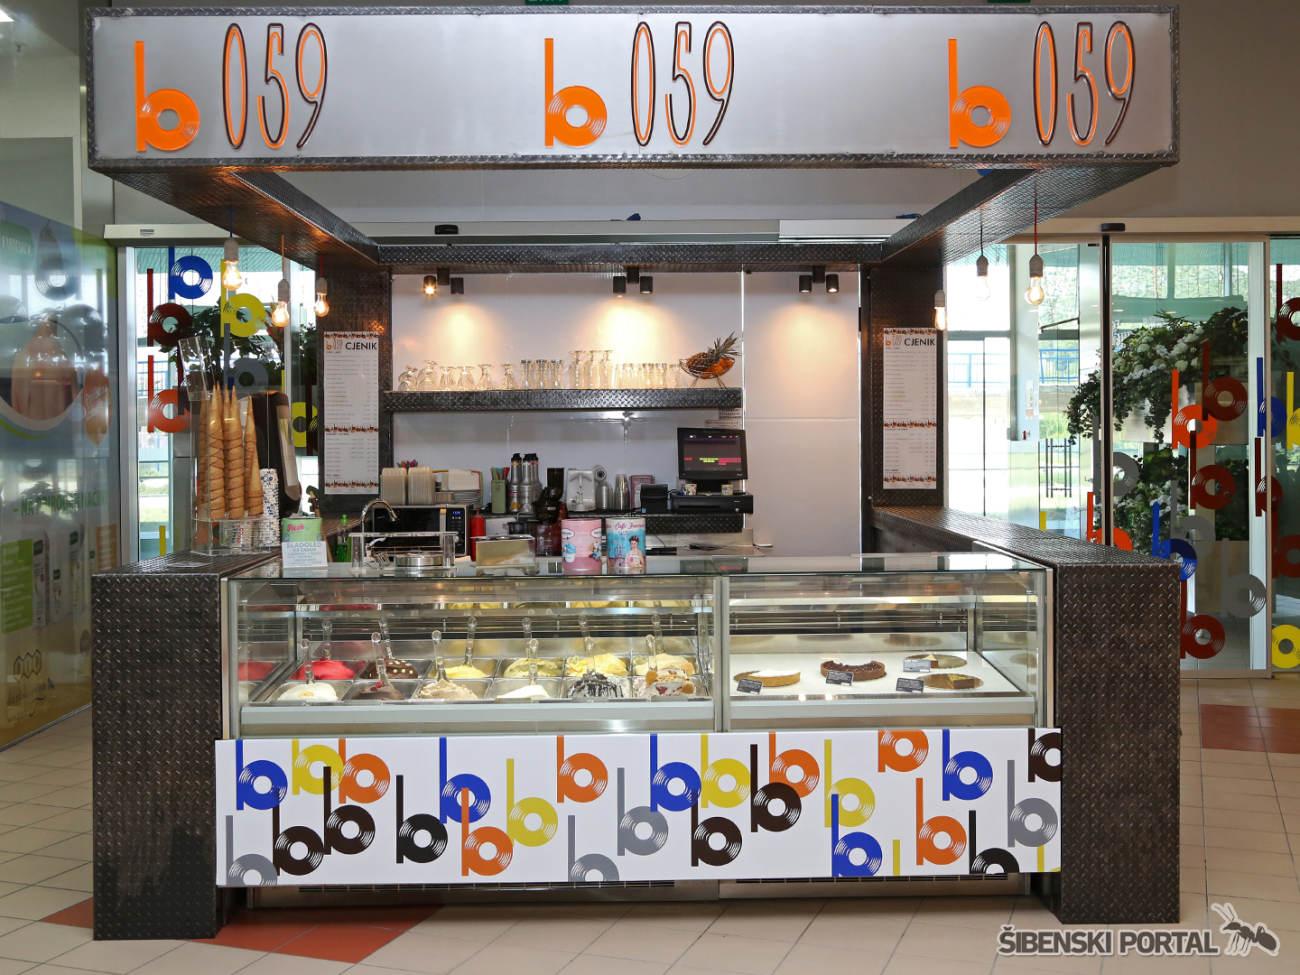 boban sladoledi b59 090516 16